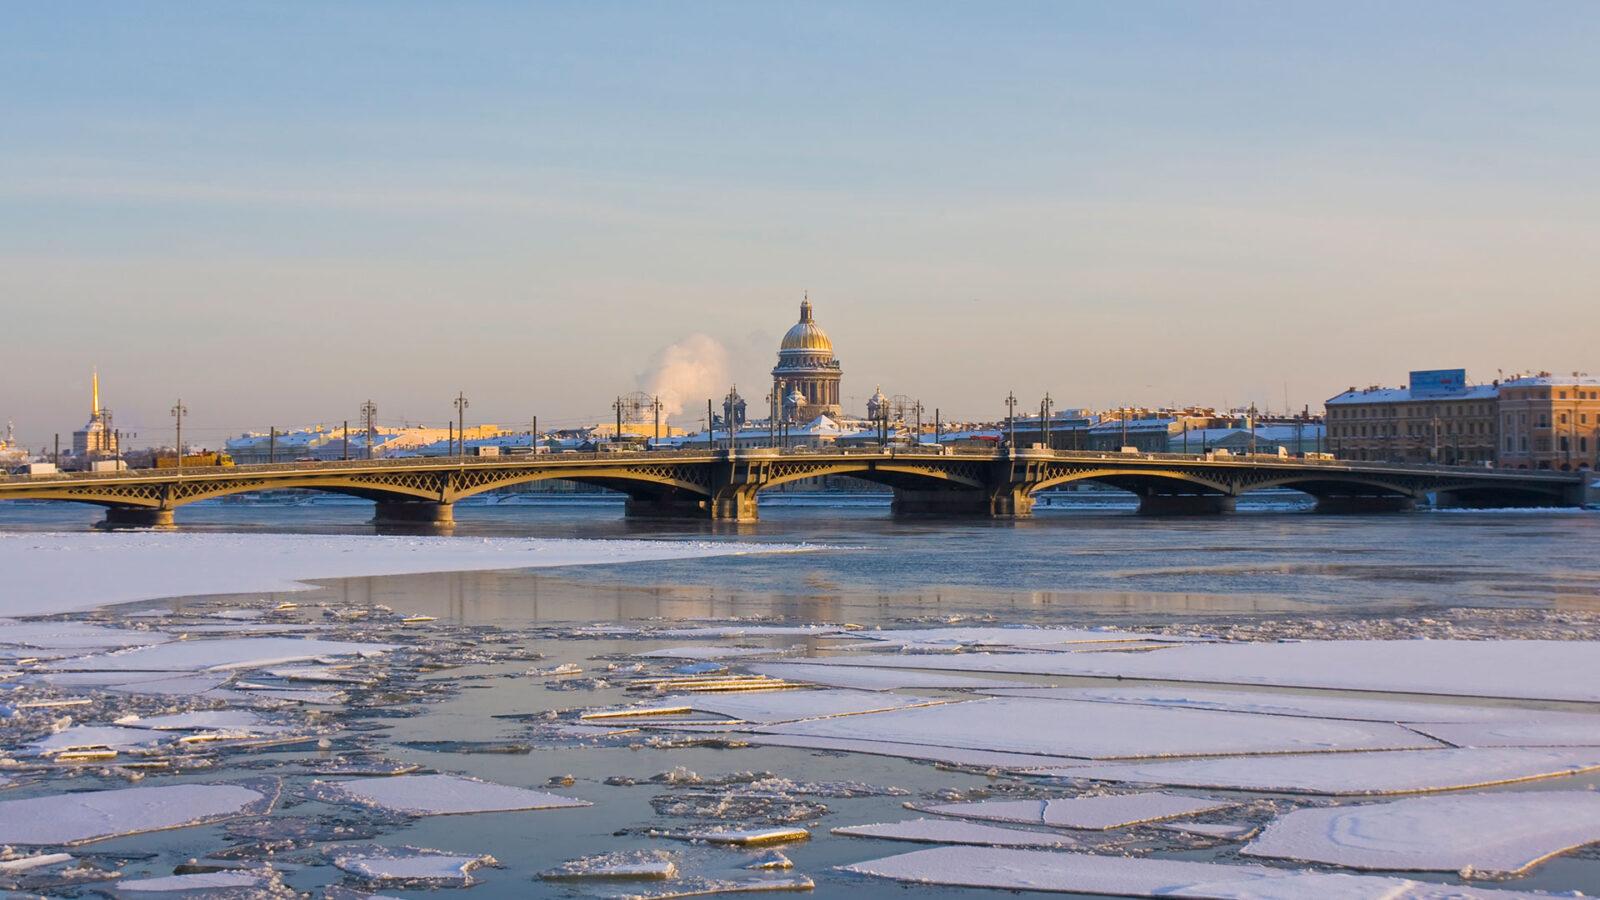 Luxusreisen Russland. St. Petersburg, Russland, St. Isaak-Kathedrale und Palastbrücke an der Newa im Winter.